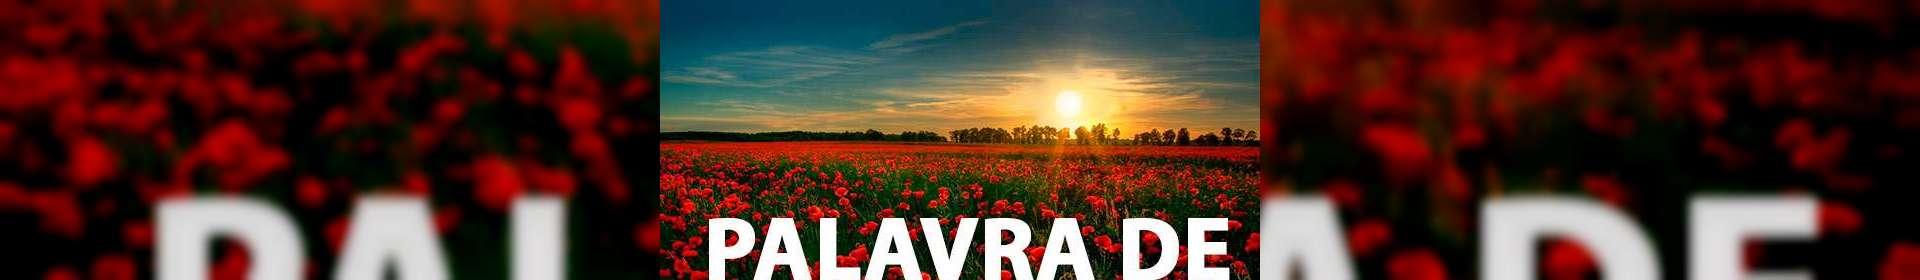 Isaías 40:16 - Uma Palavra de Esperança para sua vida